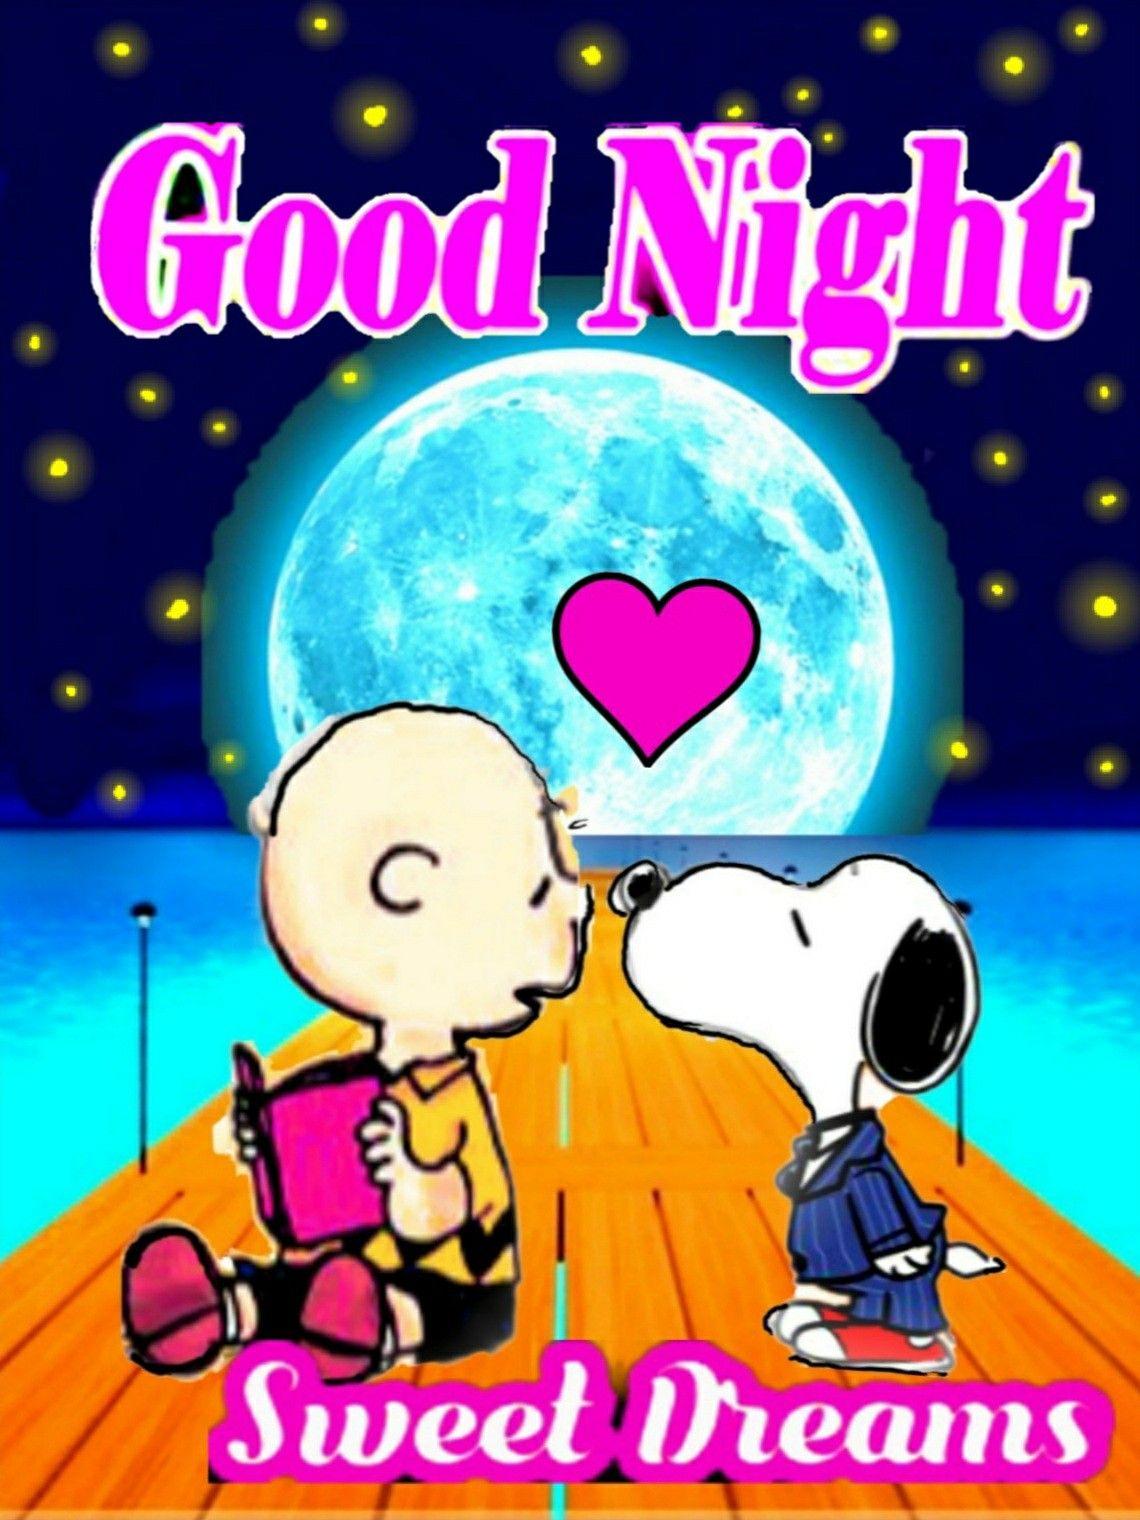 スヌーピーgood-night() | Good night greetings, Good night sweet dreams, Good  night sleep tight